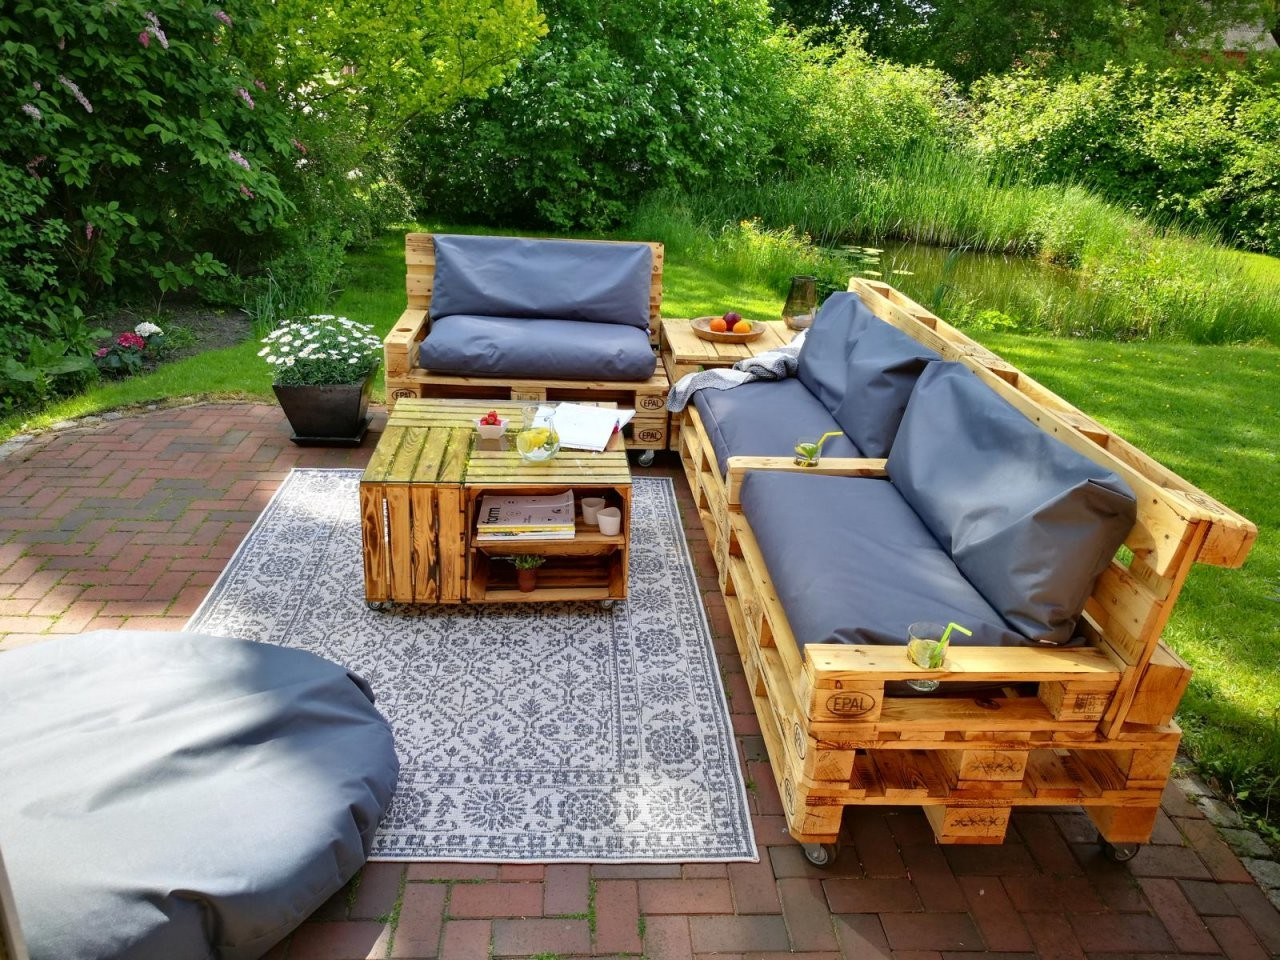 ᐅ Gartenmöbel Aus Paletten ᐅ Palettenmöbel Garten  Diy Ideen  Shop von Lounge Möbel Selber Bauen Photo